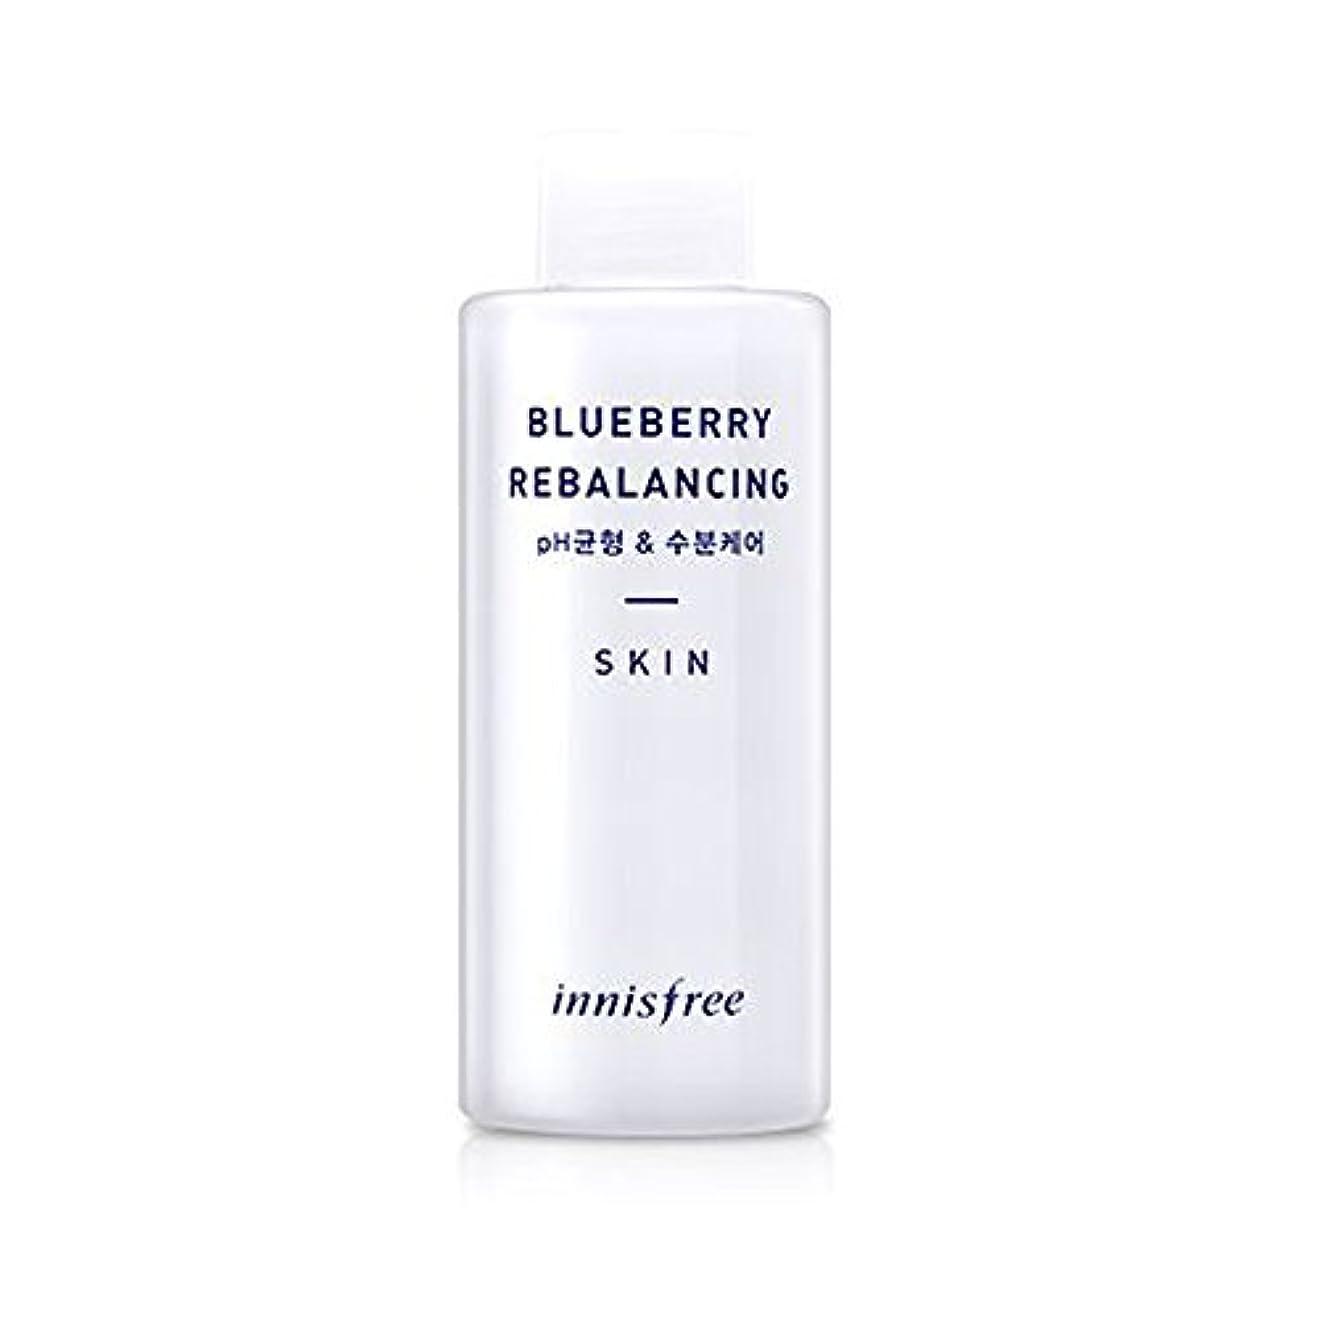 不利益マンモスジーンズ[イニスプリー]Innisfree ブルーベリーリバランシングスキン(150ml)  Innisfree Blueberry Rebalancing Skin (150ml) [海外直送品]